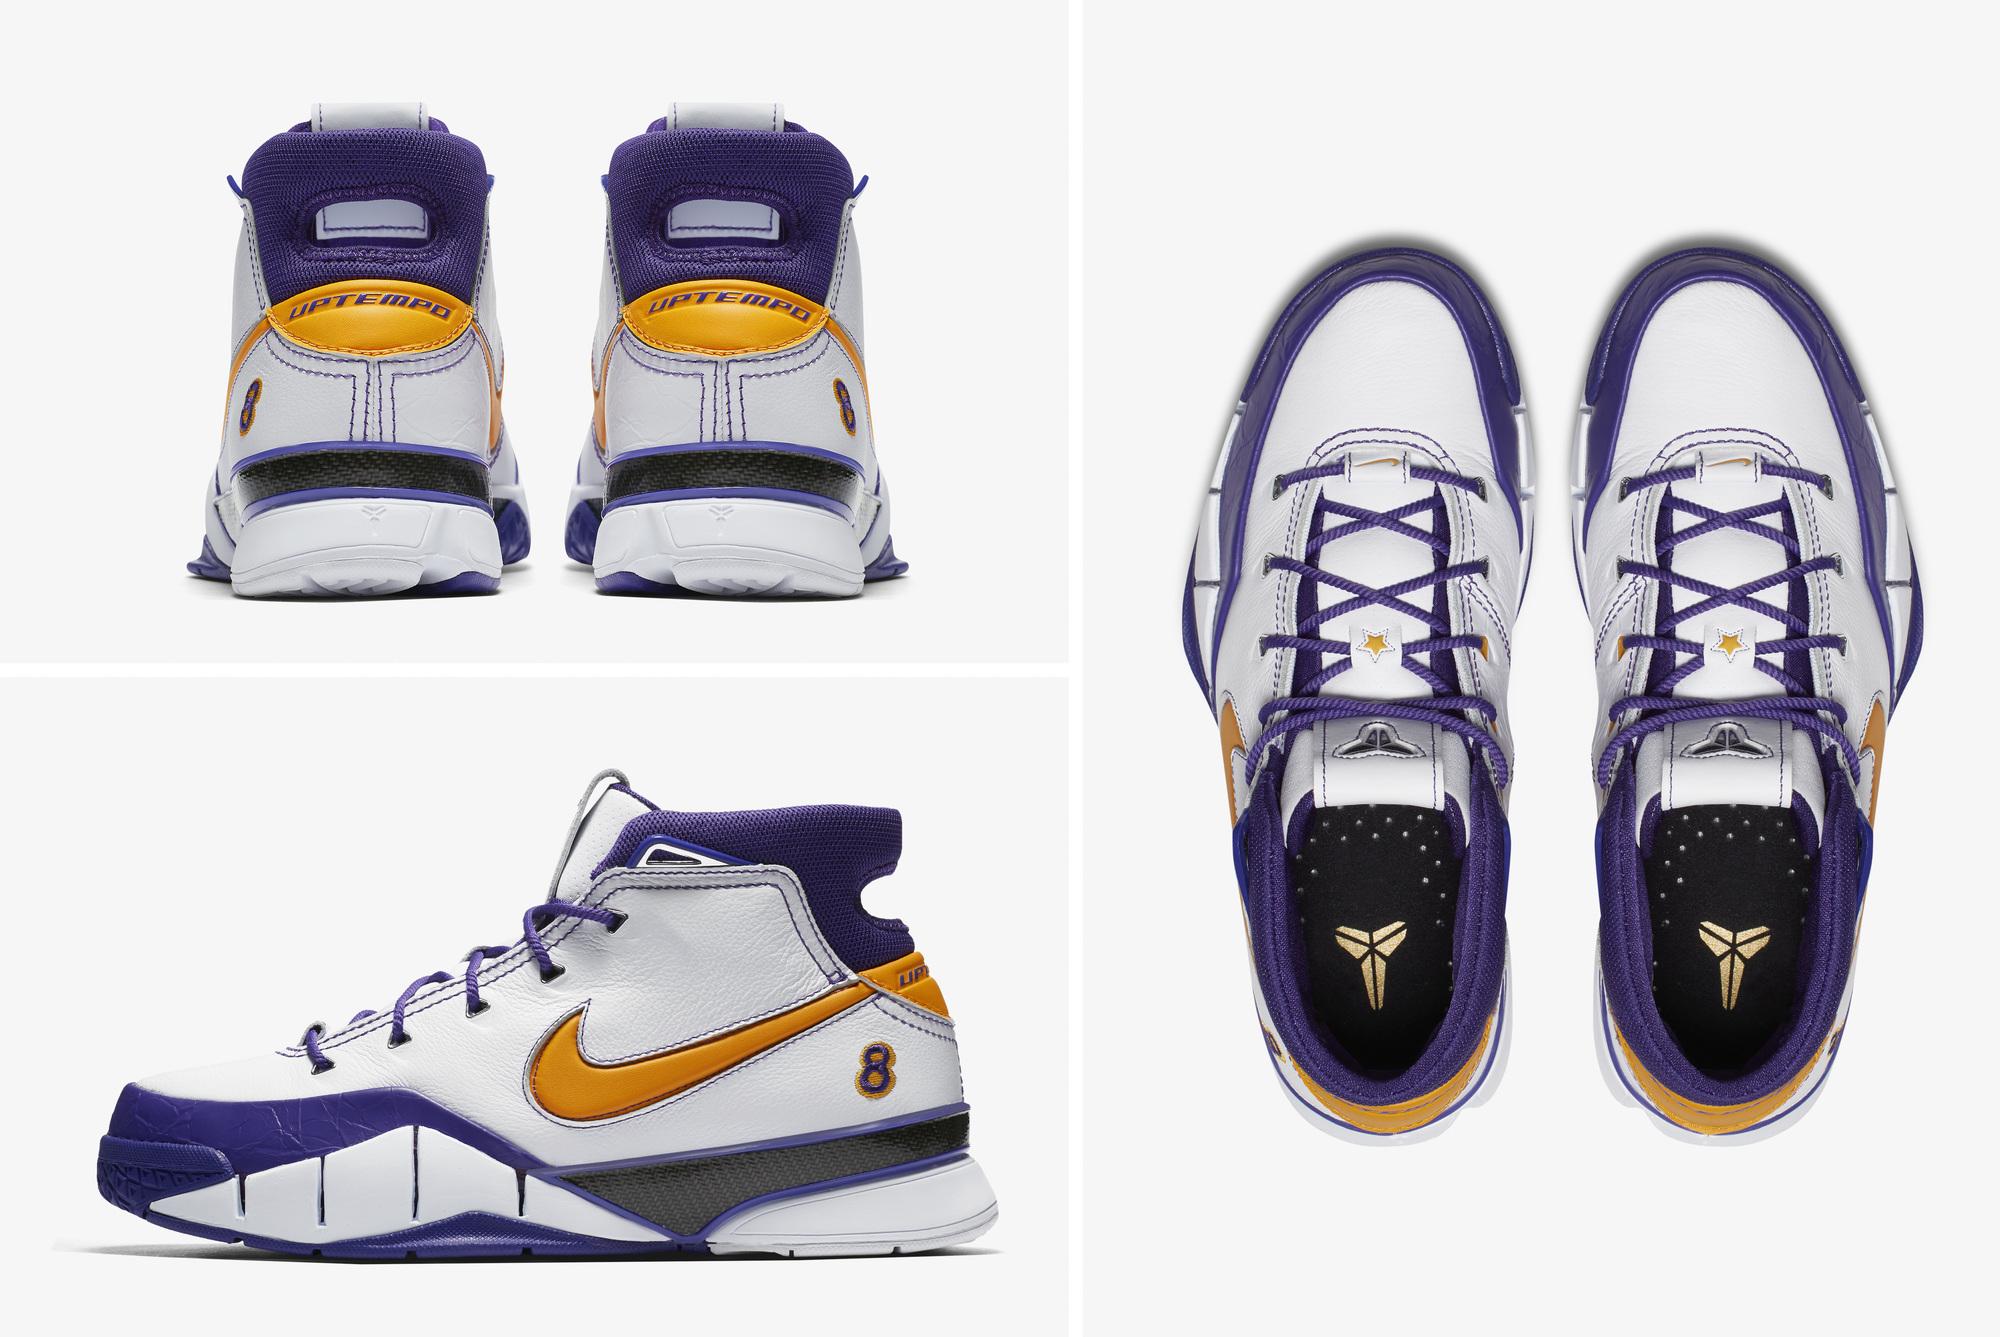 Nike Zoom Kobe 1 Protro final seconds